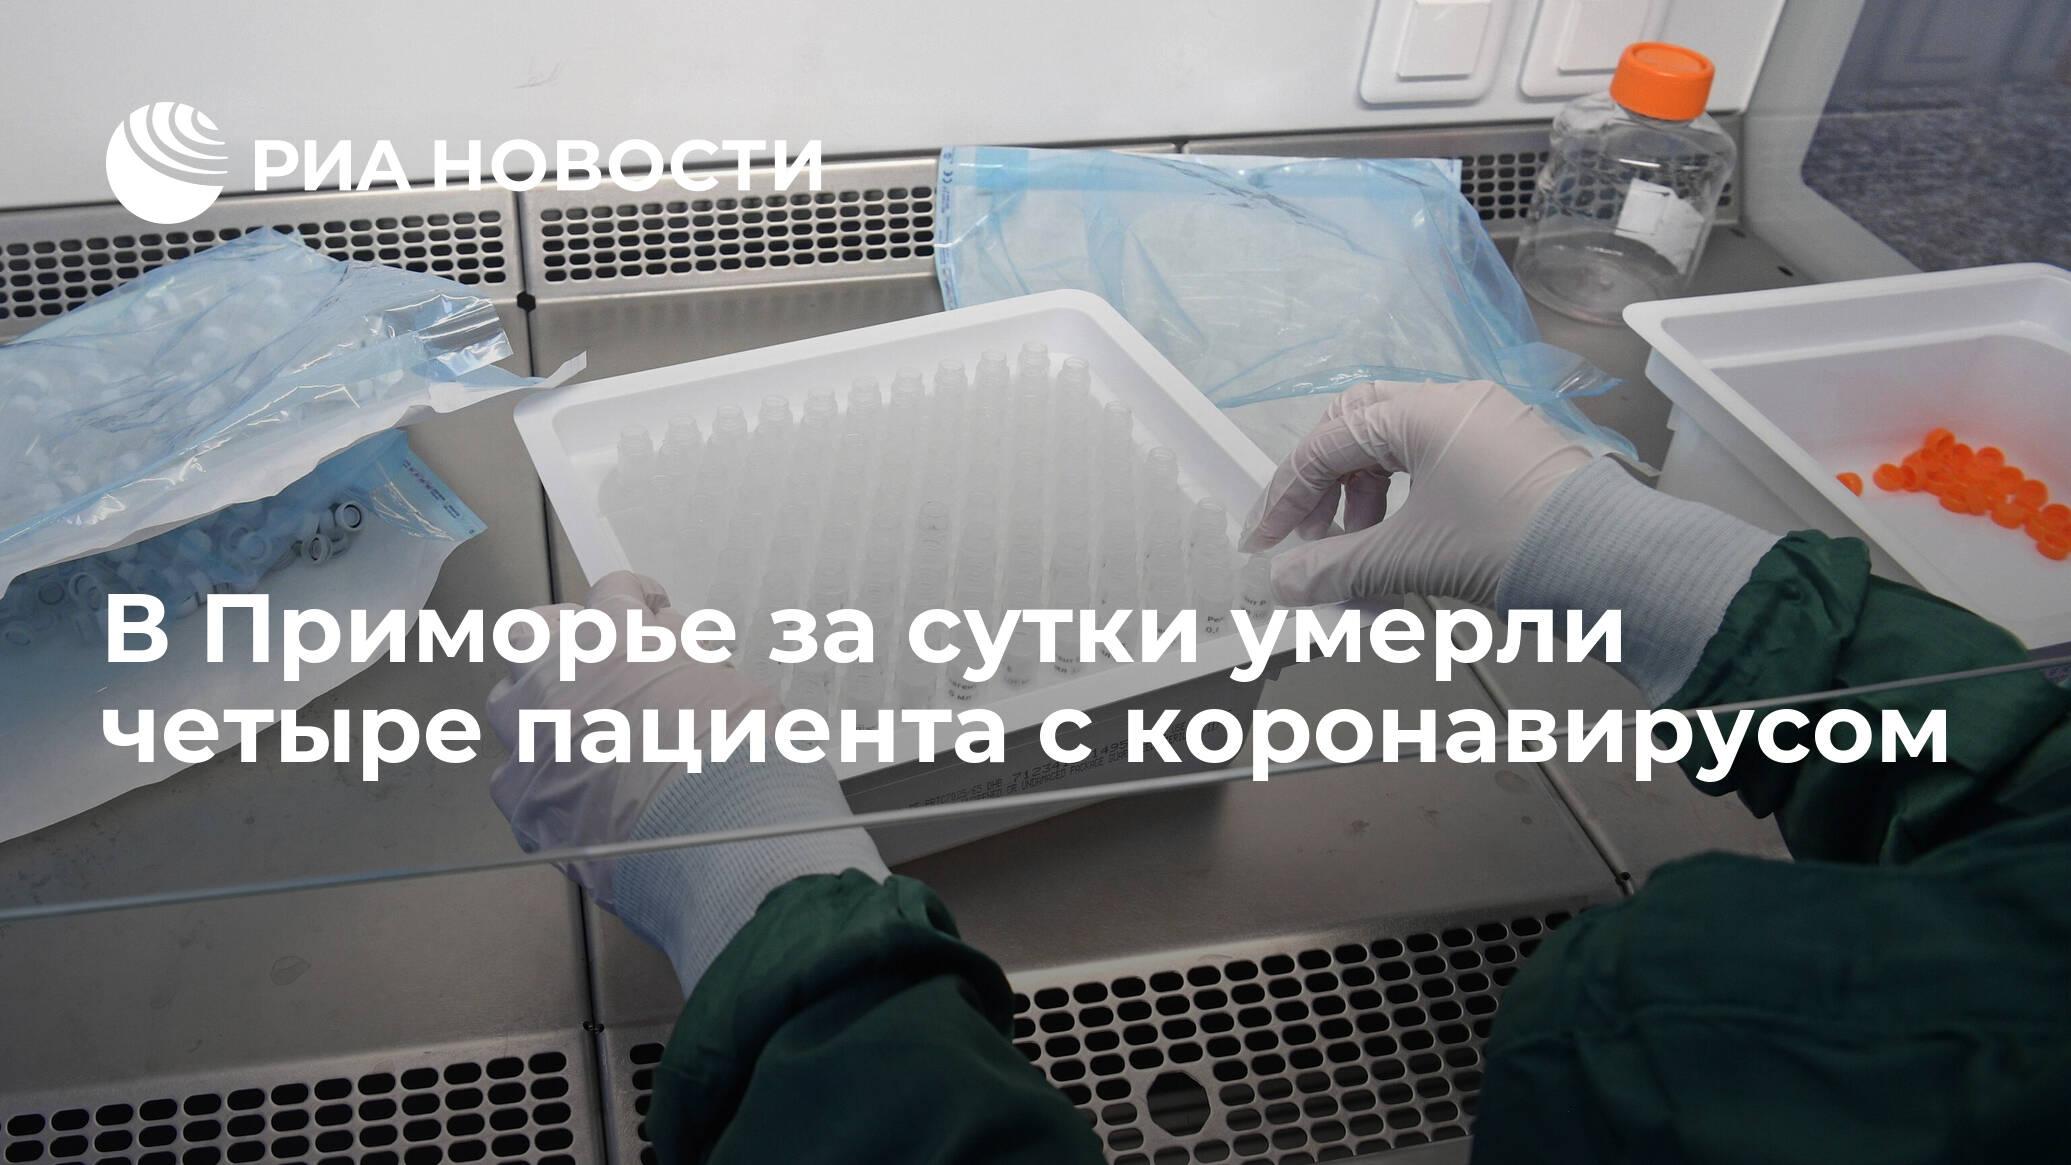 В Приморье за сутки умерли четыре пациента с коронавирусом